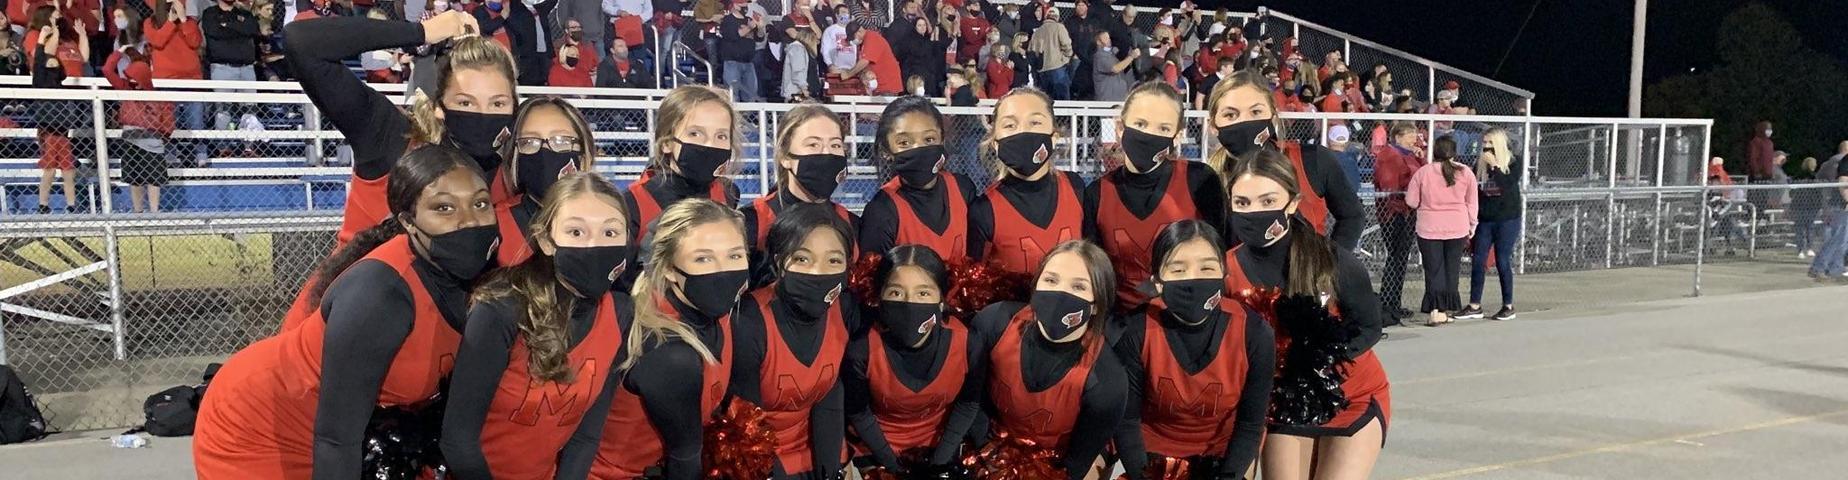 MHS 2020-2021 Cheerleaders